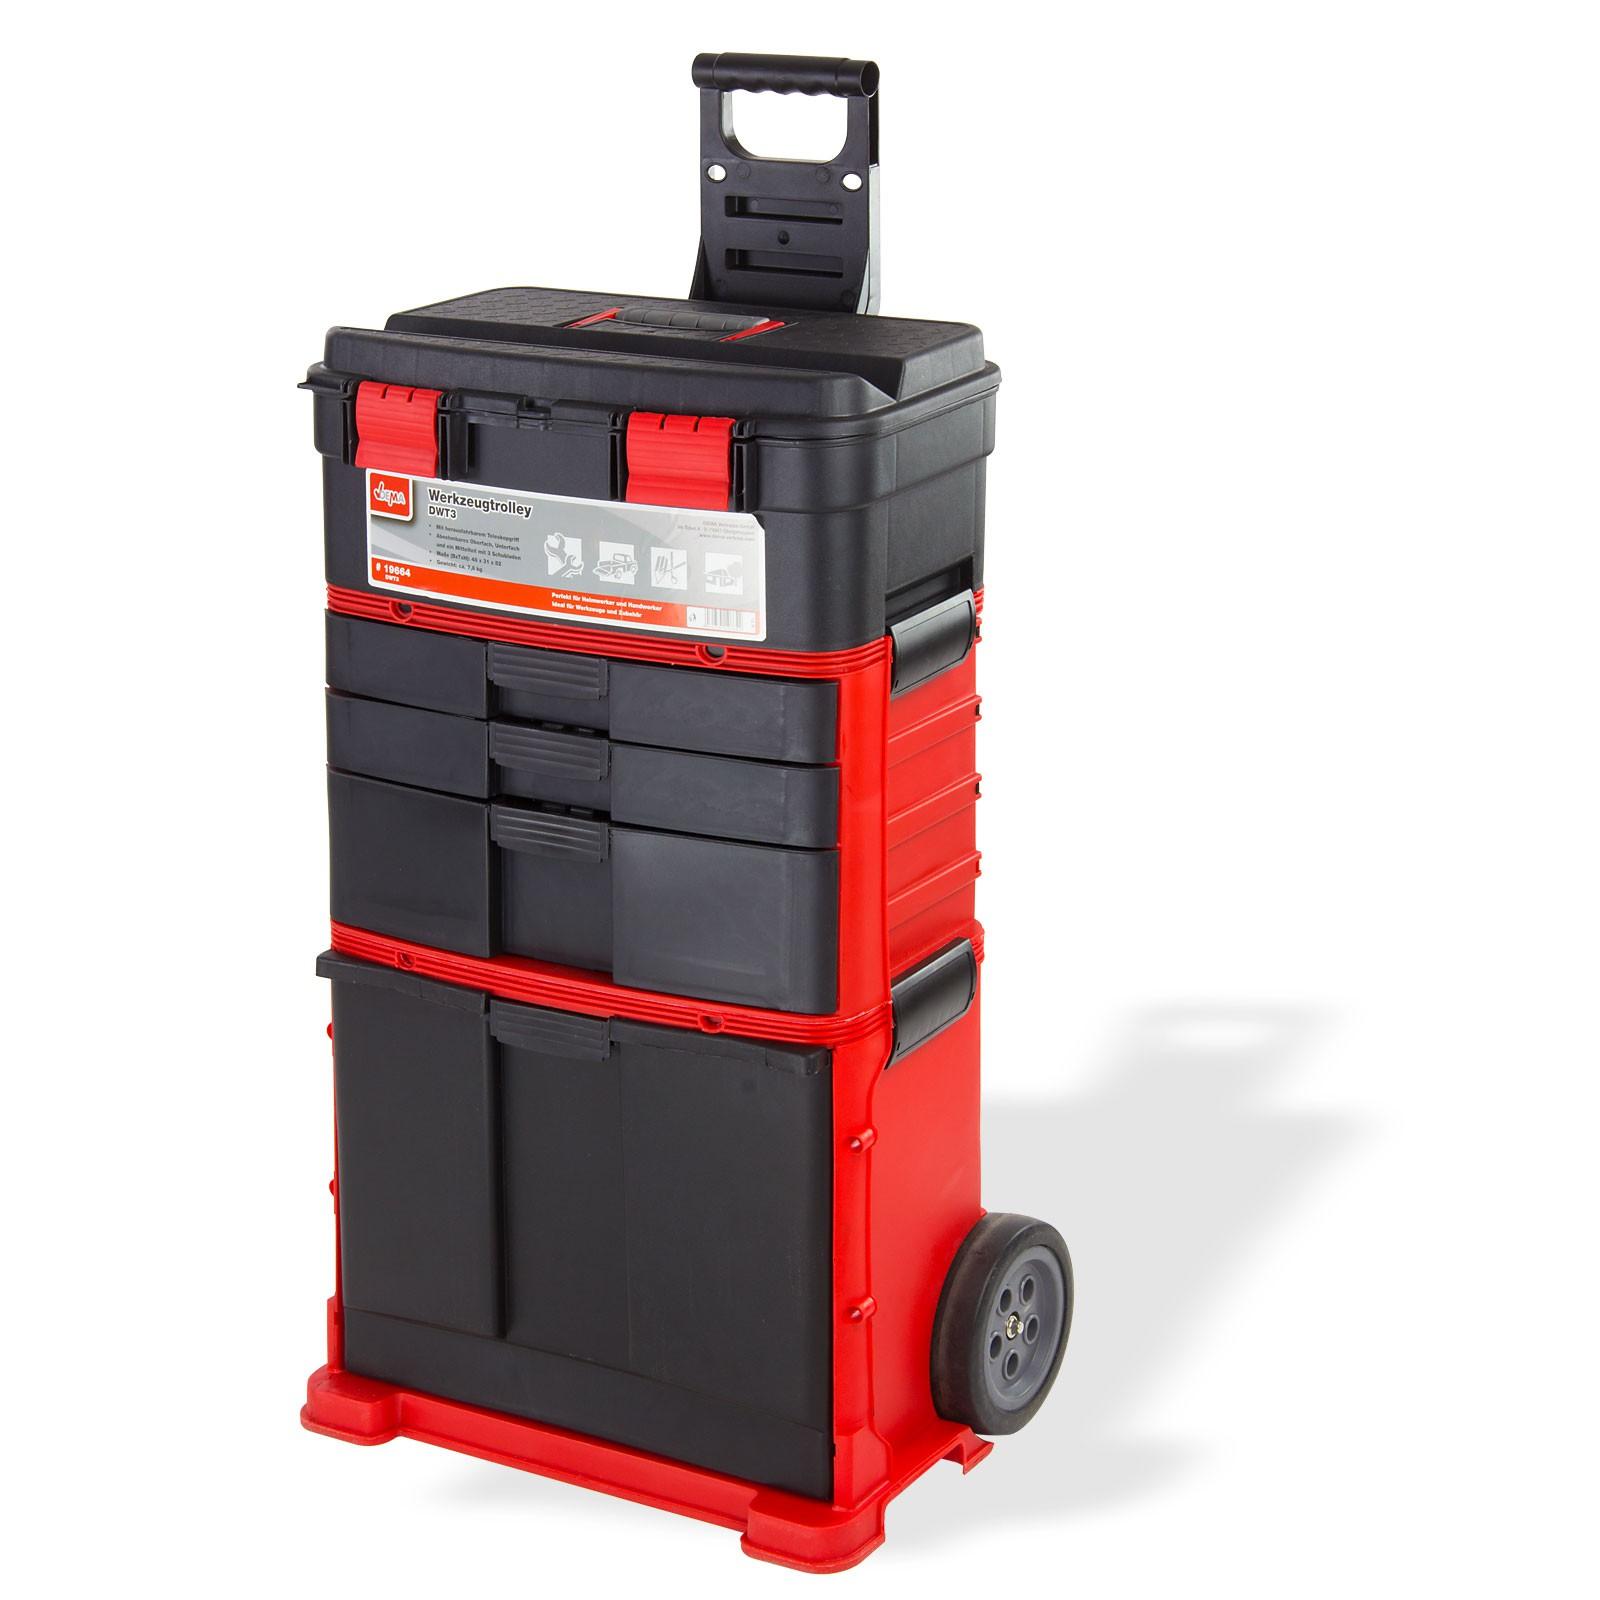 werkzeugtrolley werkzeugwagen werkzeugkiste werkzeugkoffer. Black Bedroom Furniture Sets. Home Design Ideas